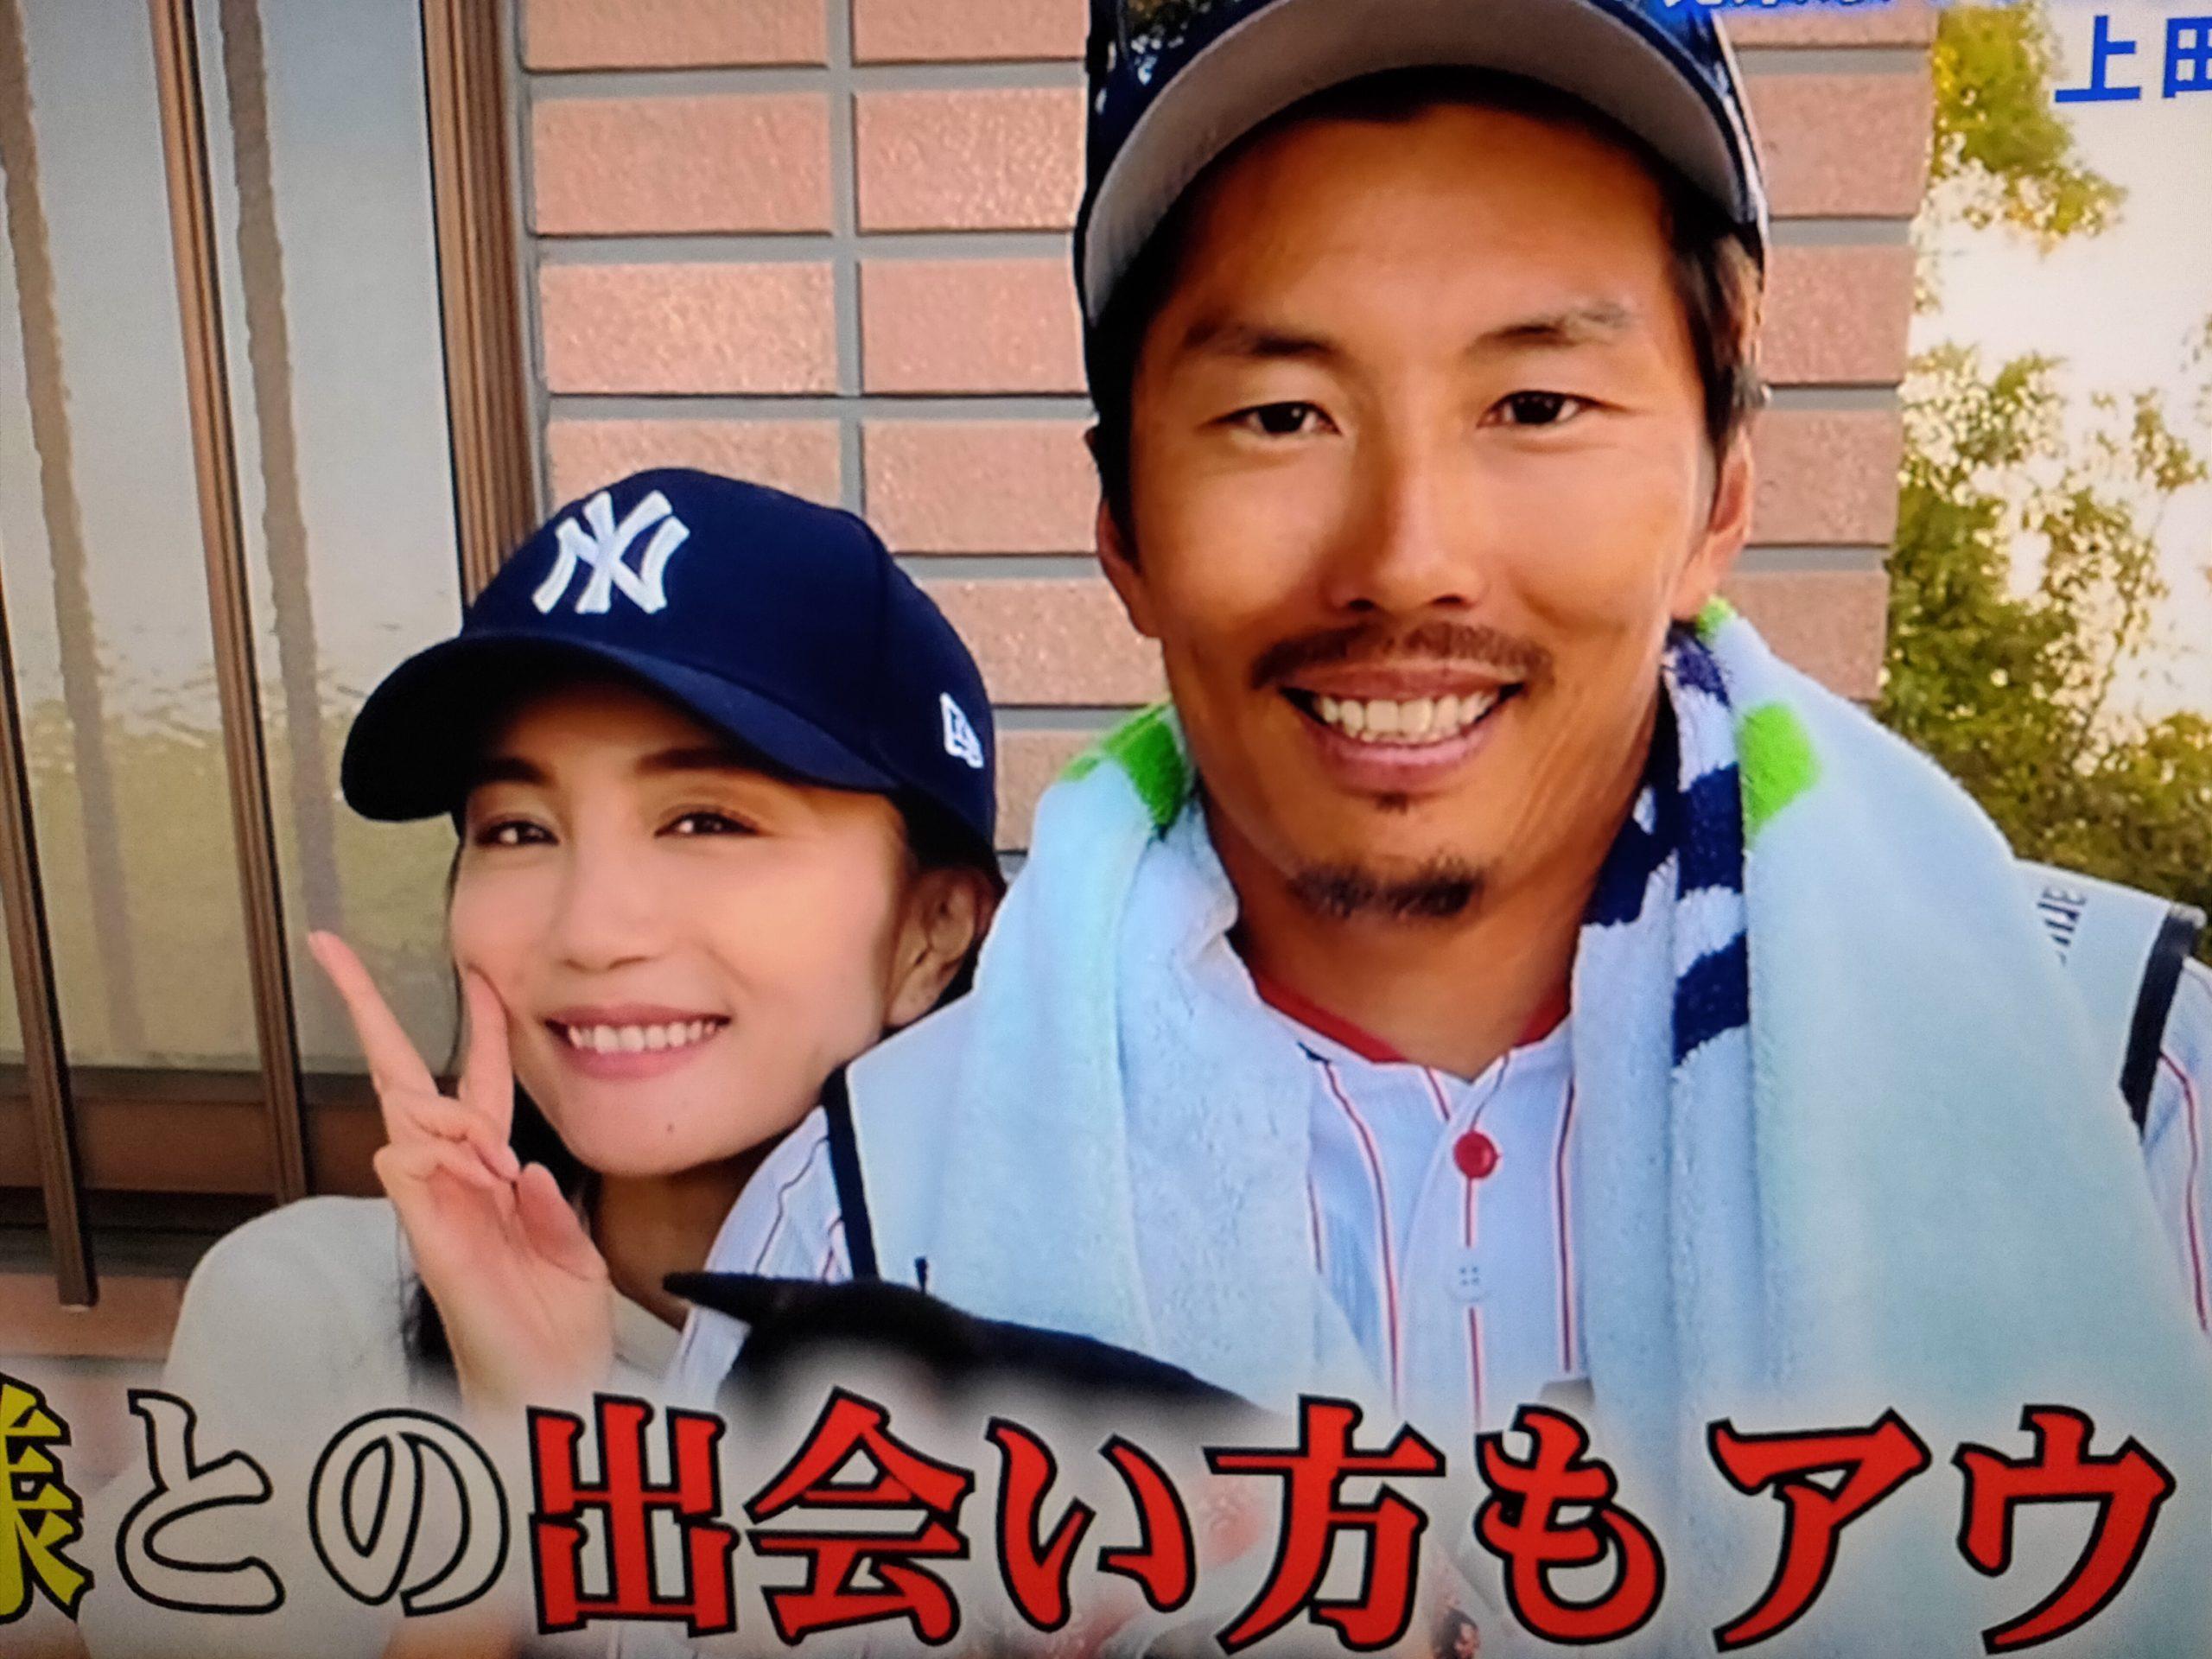 上田剛史は韓国人で結婚した嫁や彼女は?現在の職業は?【アウトデラックス】